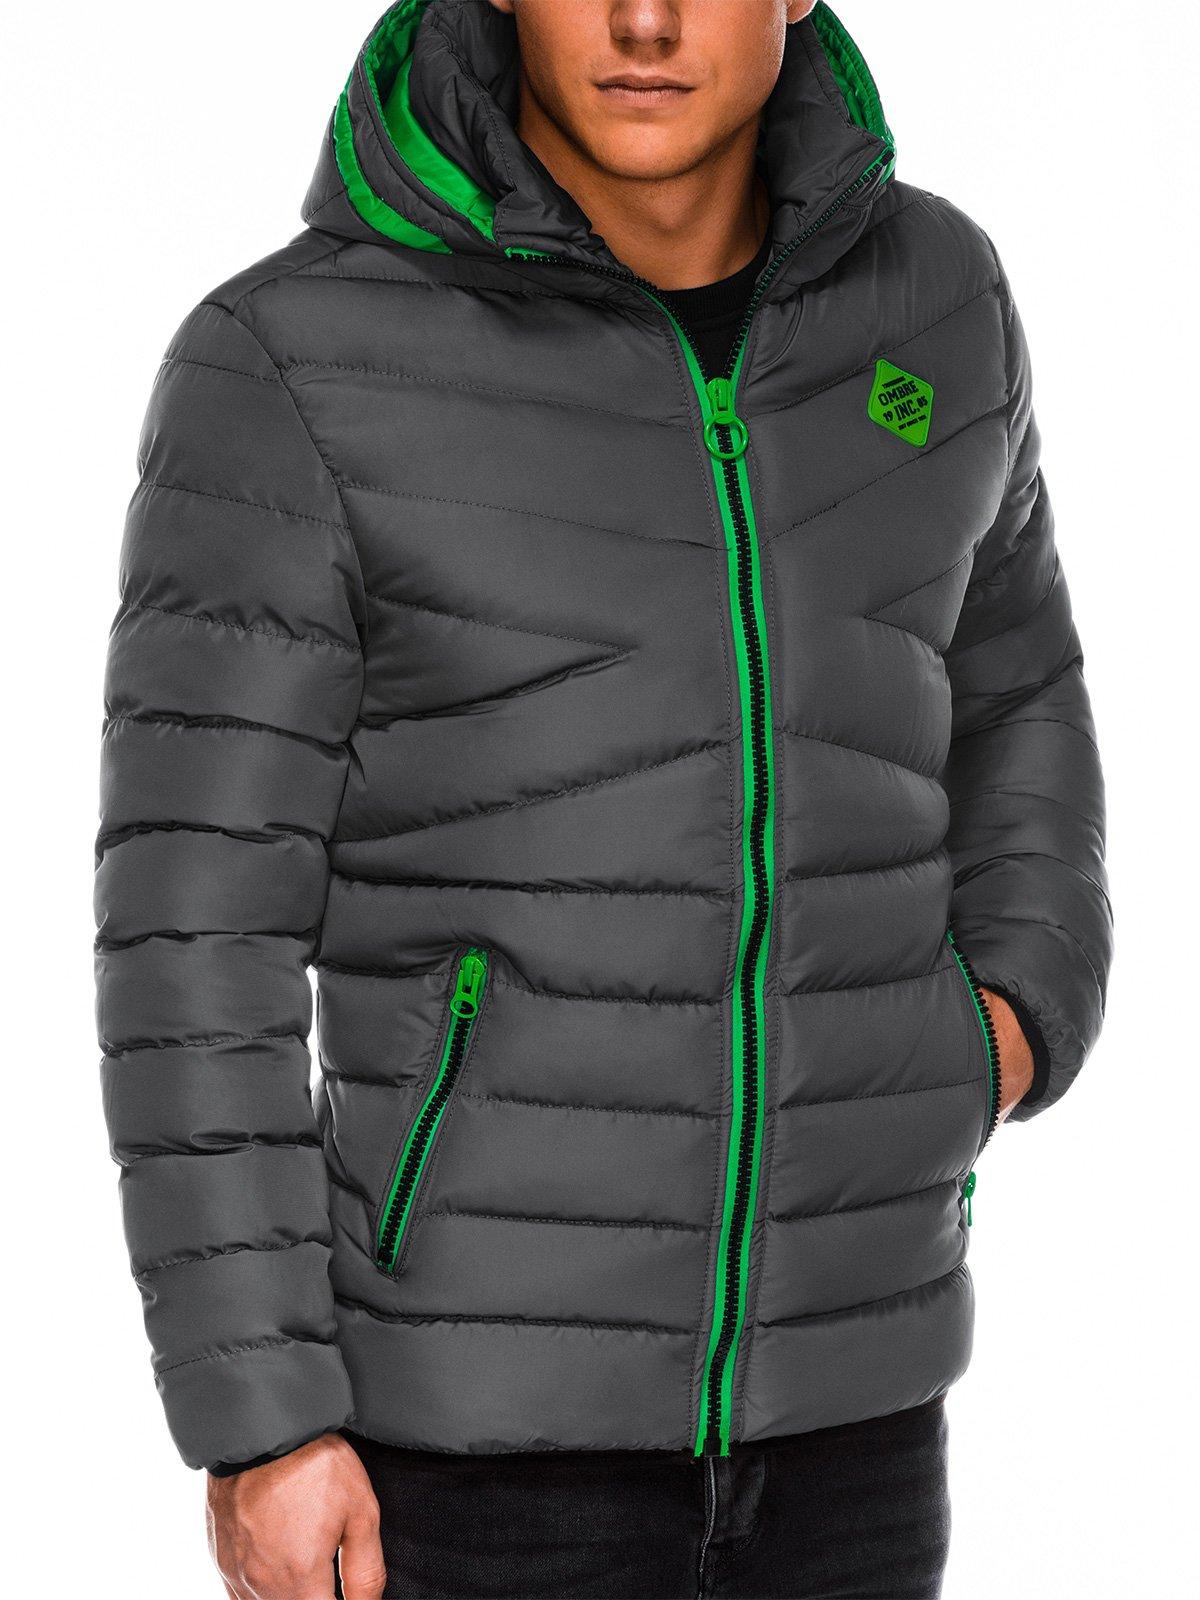 Купить со скидкой Куртка чоловіча демісезонна стьобана C363 - темно-сіра